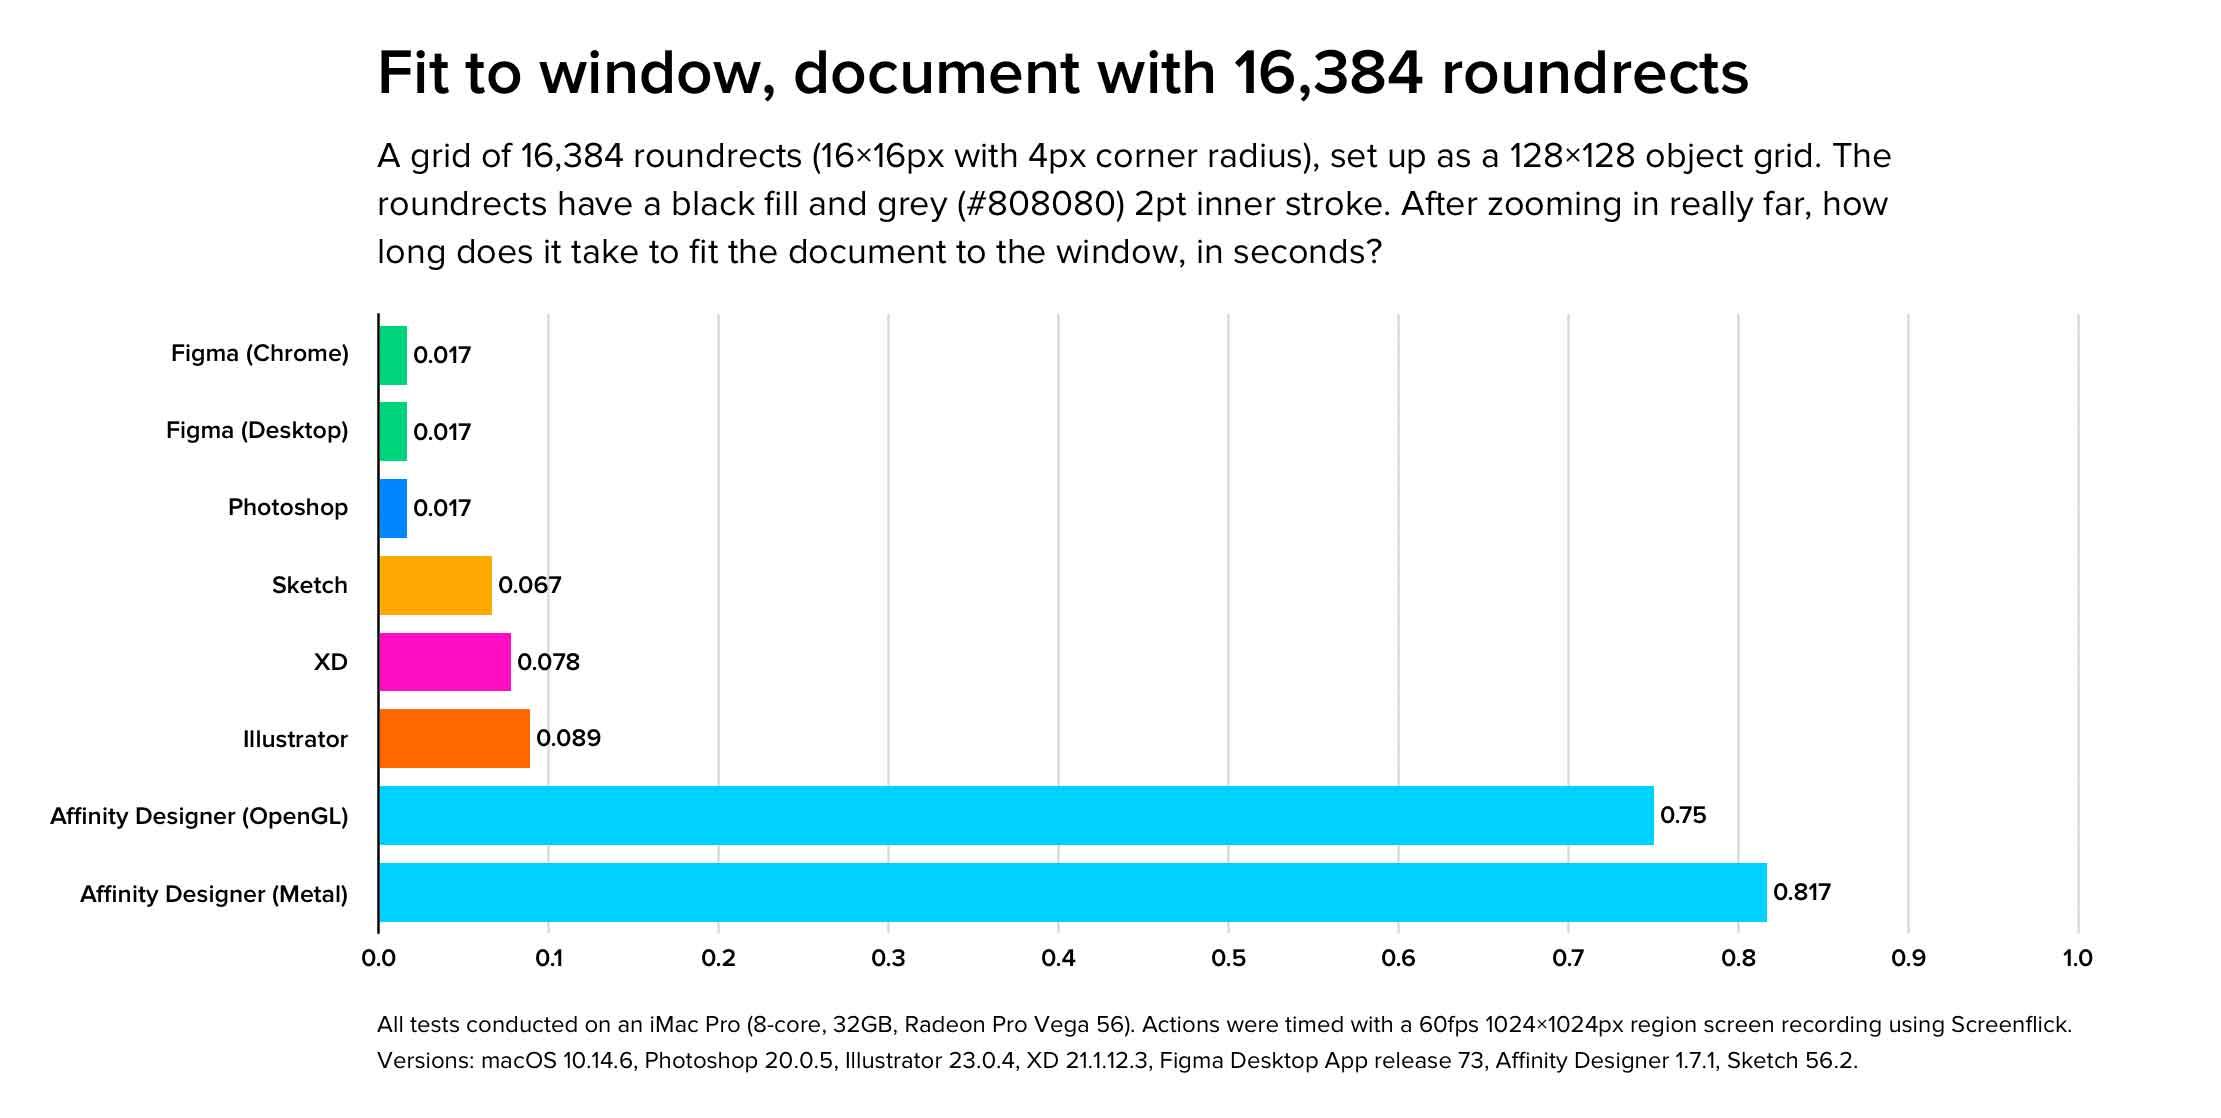 Qual è il software di disegno più veloce su macOS?